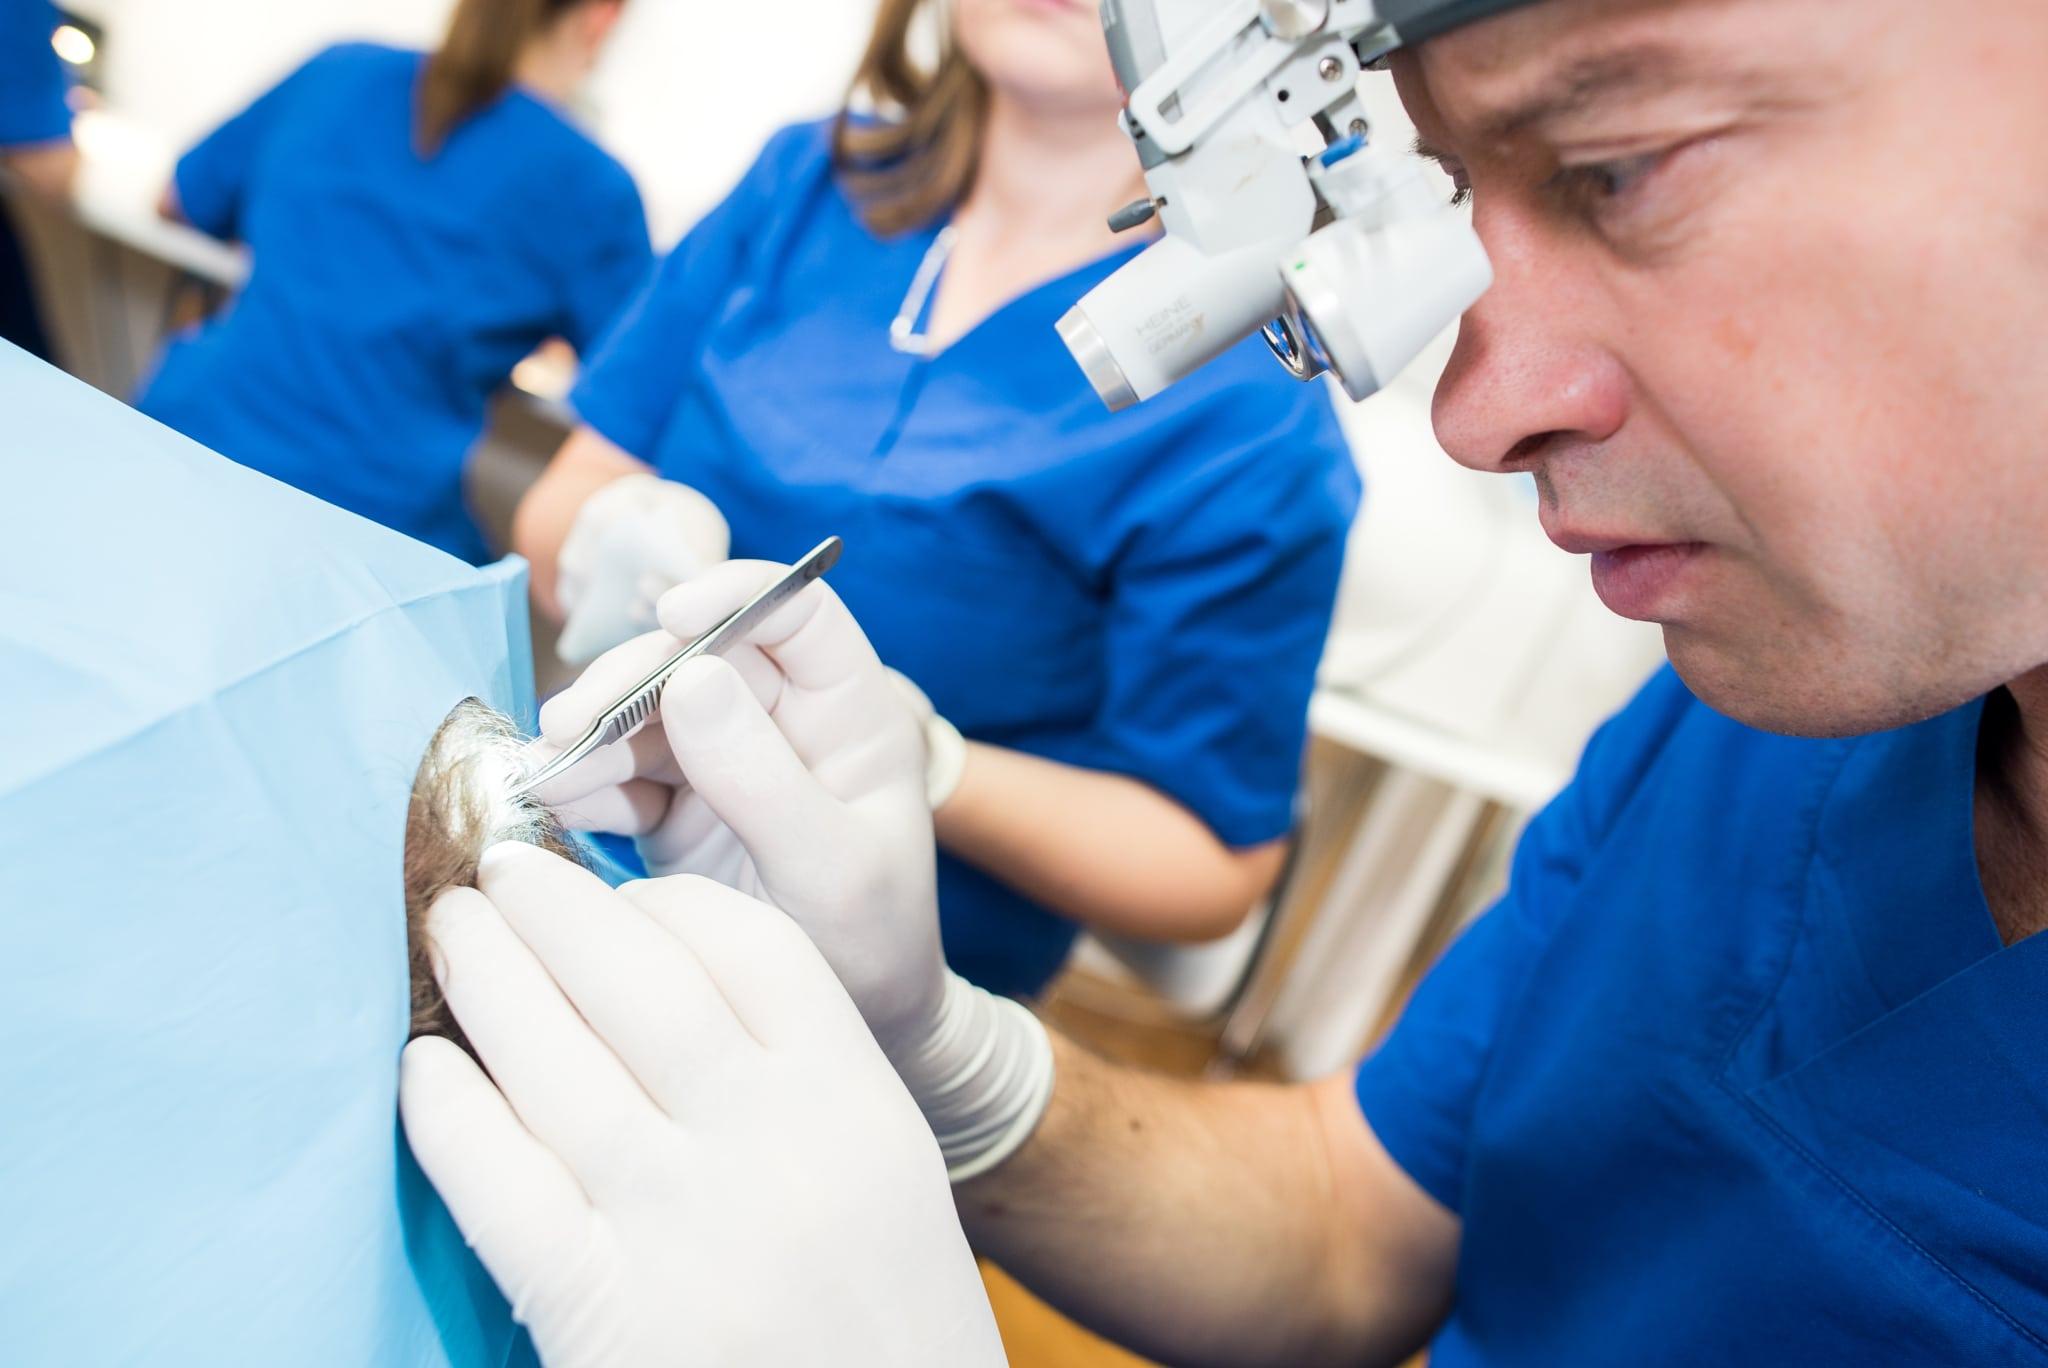 Proces FUE transplantacije kose